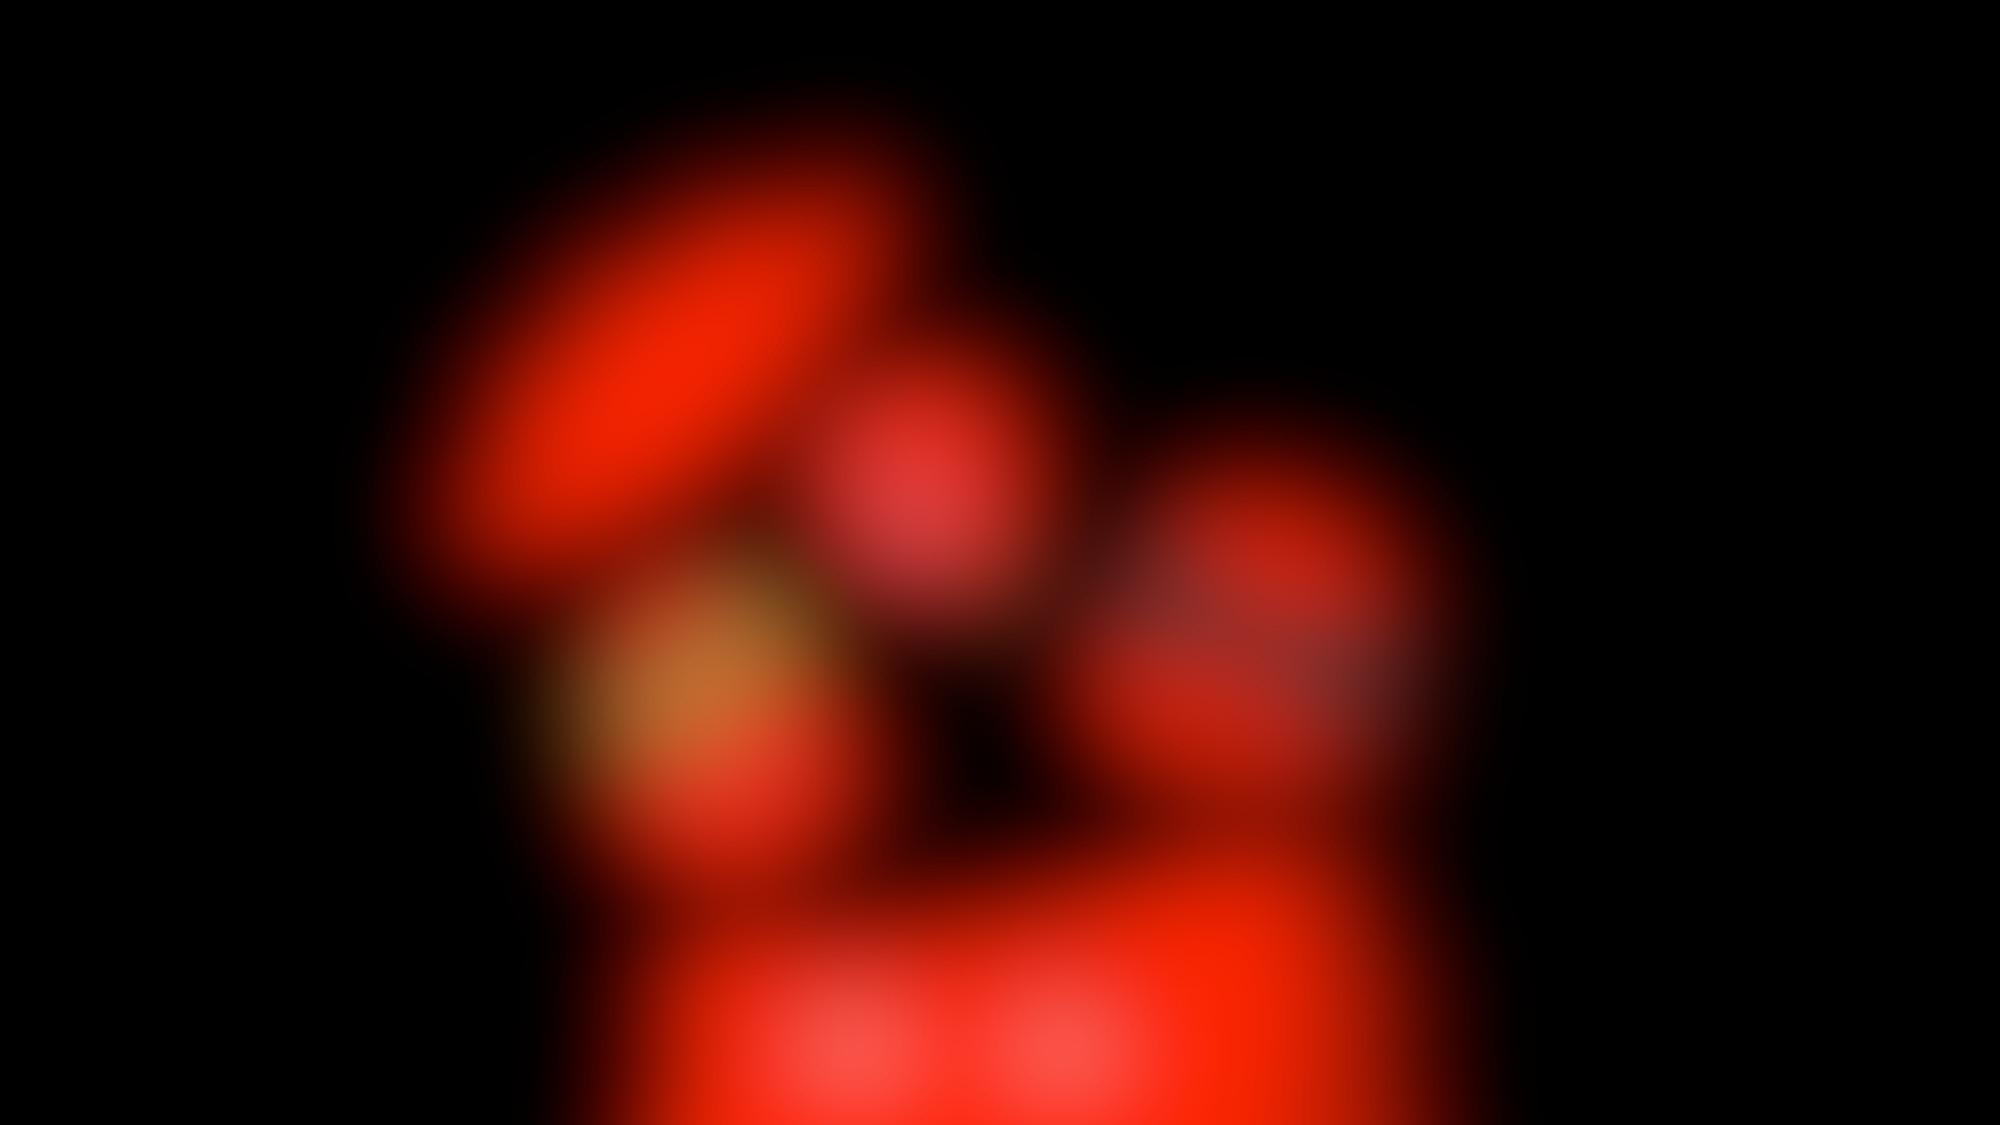 KOTO emoji 00004 autocompressfitresizeixlibphp 1 1 0max h2000max w3 D2000q80s877dec7d673fa413fccb80bc140ada38